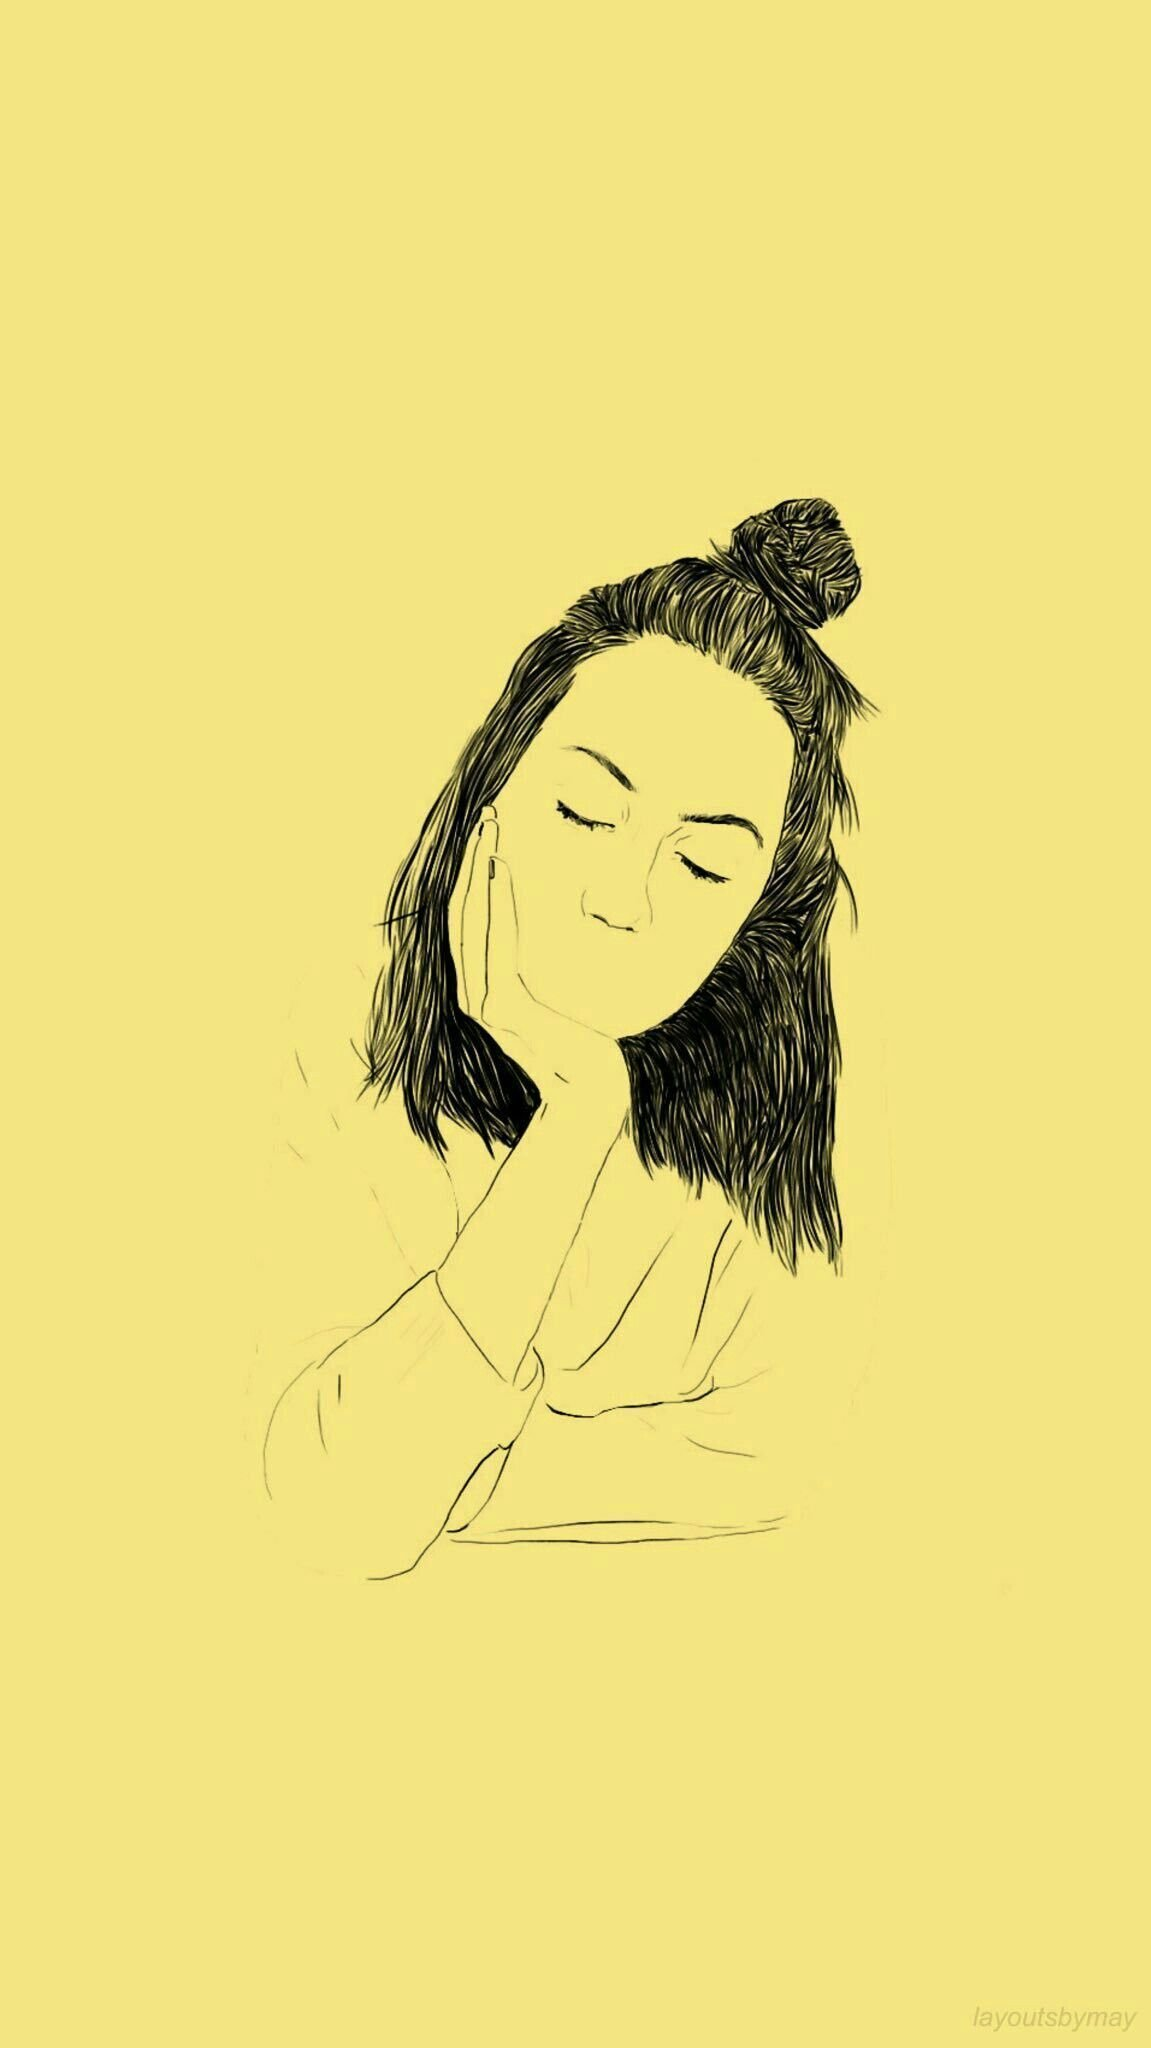 1151x2048 hình nền # màu vàng # tumblr # # thẩm mỹ tườngpaperiphoneblack